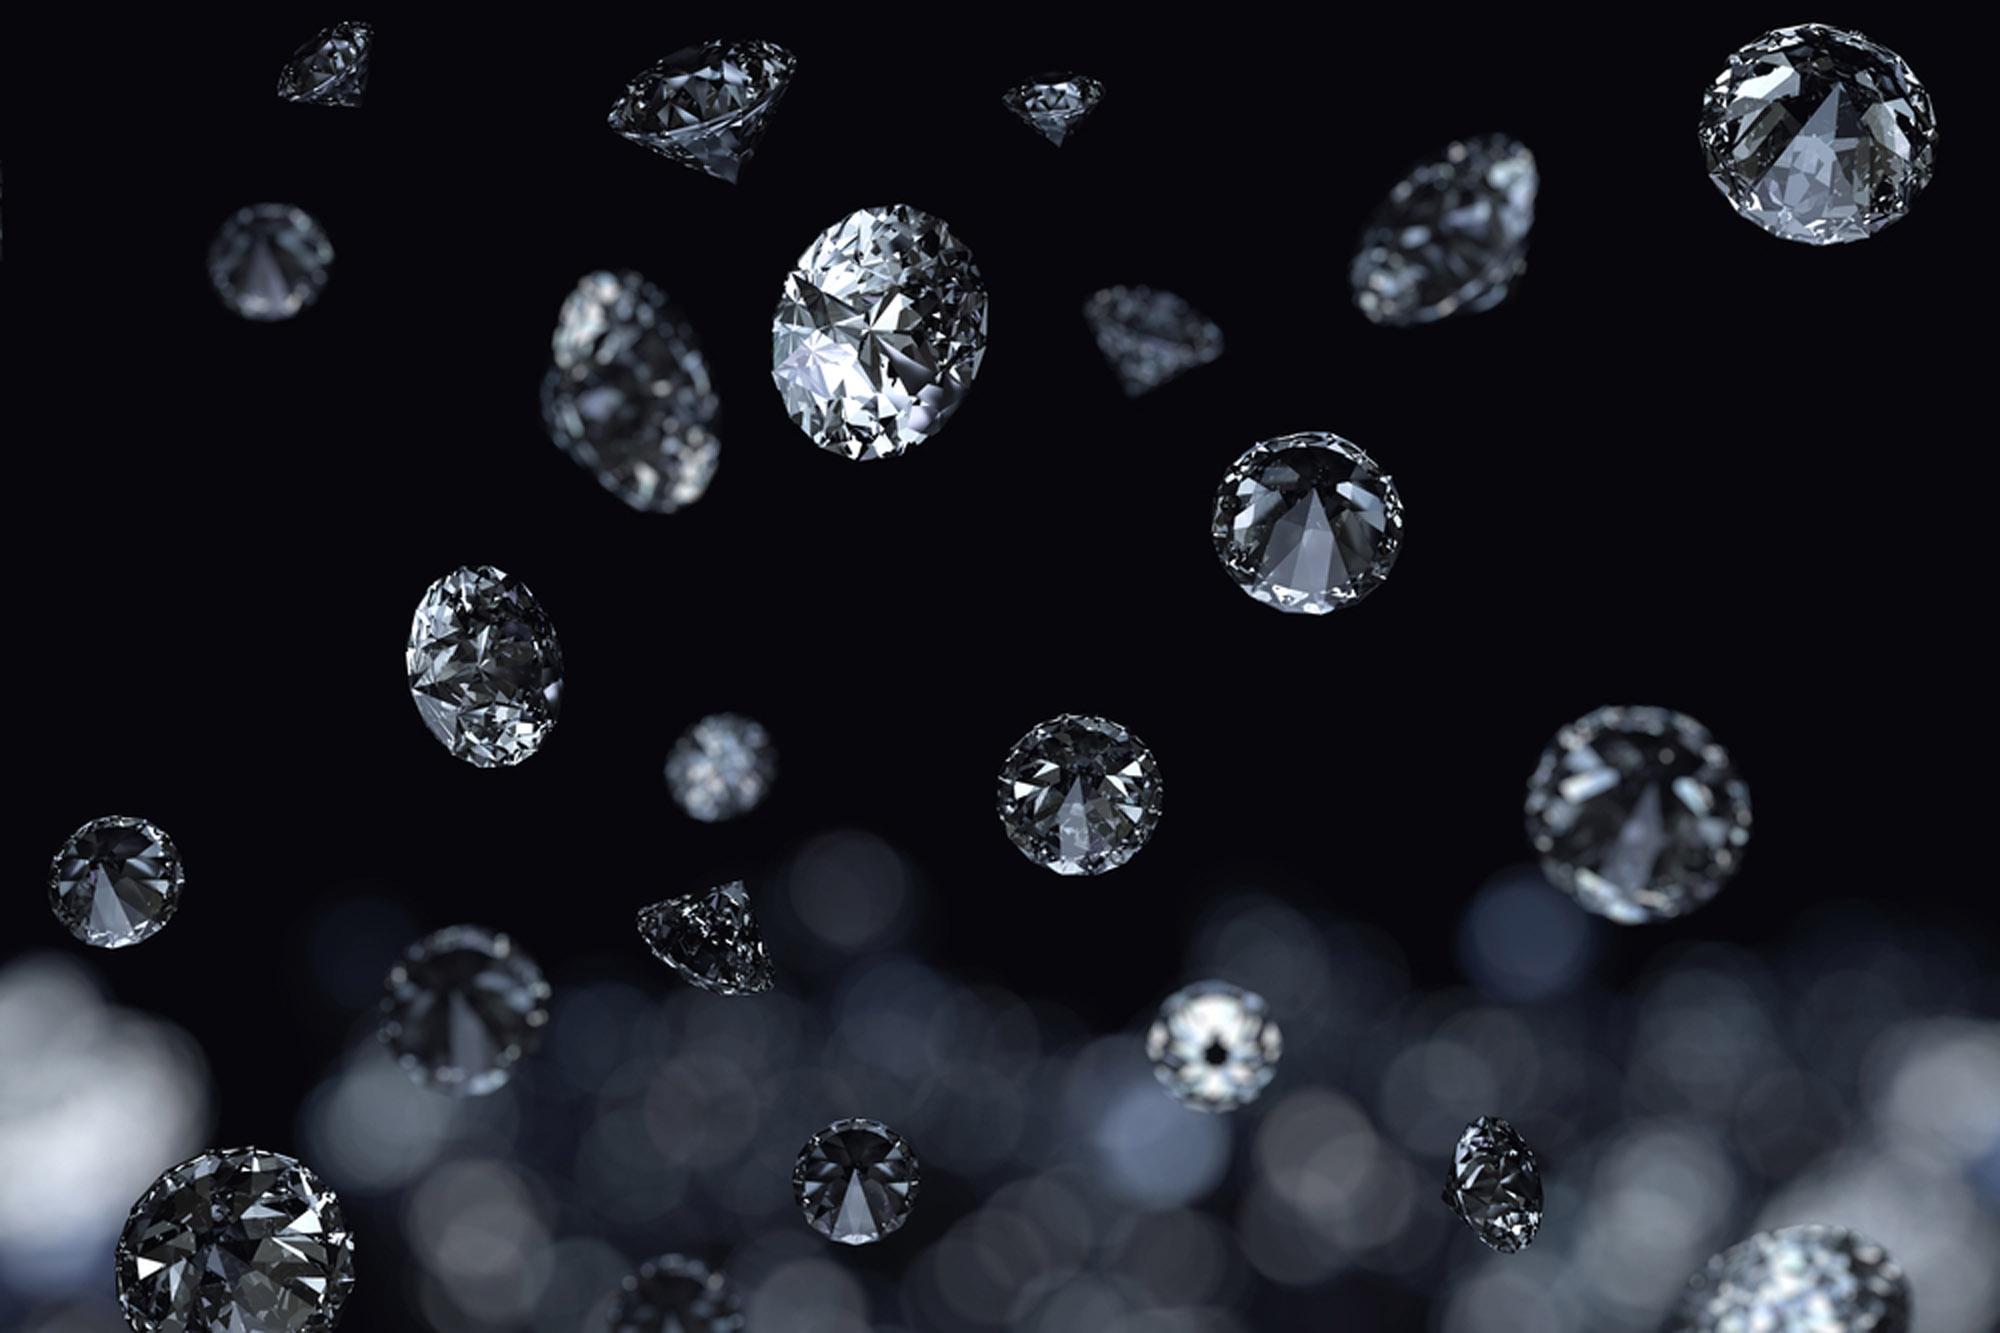 На Уране и Нептуне могут идти дожди из алмазов, - ученые